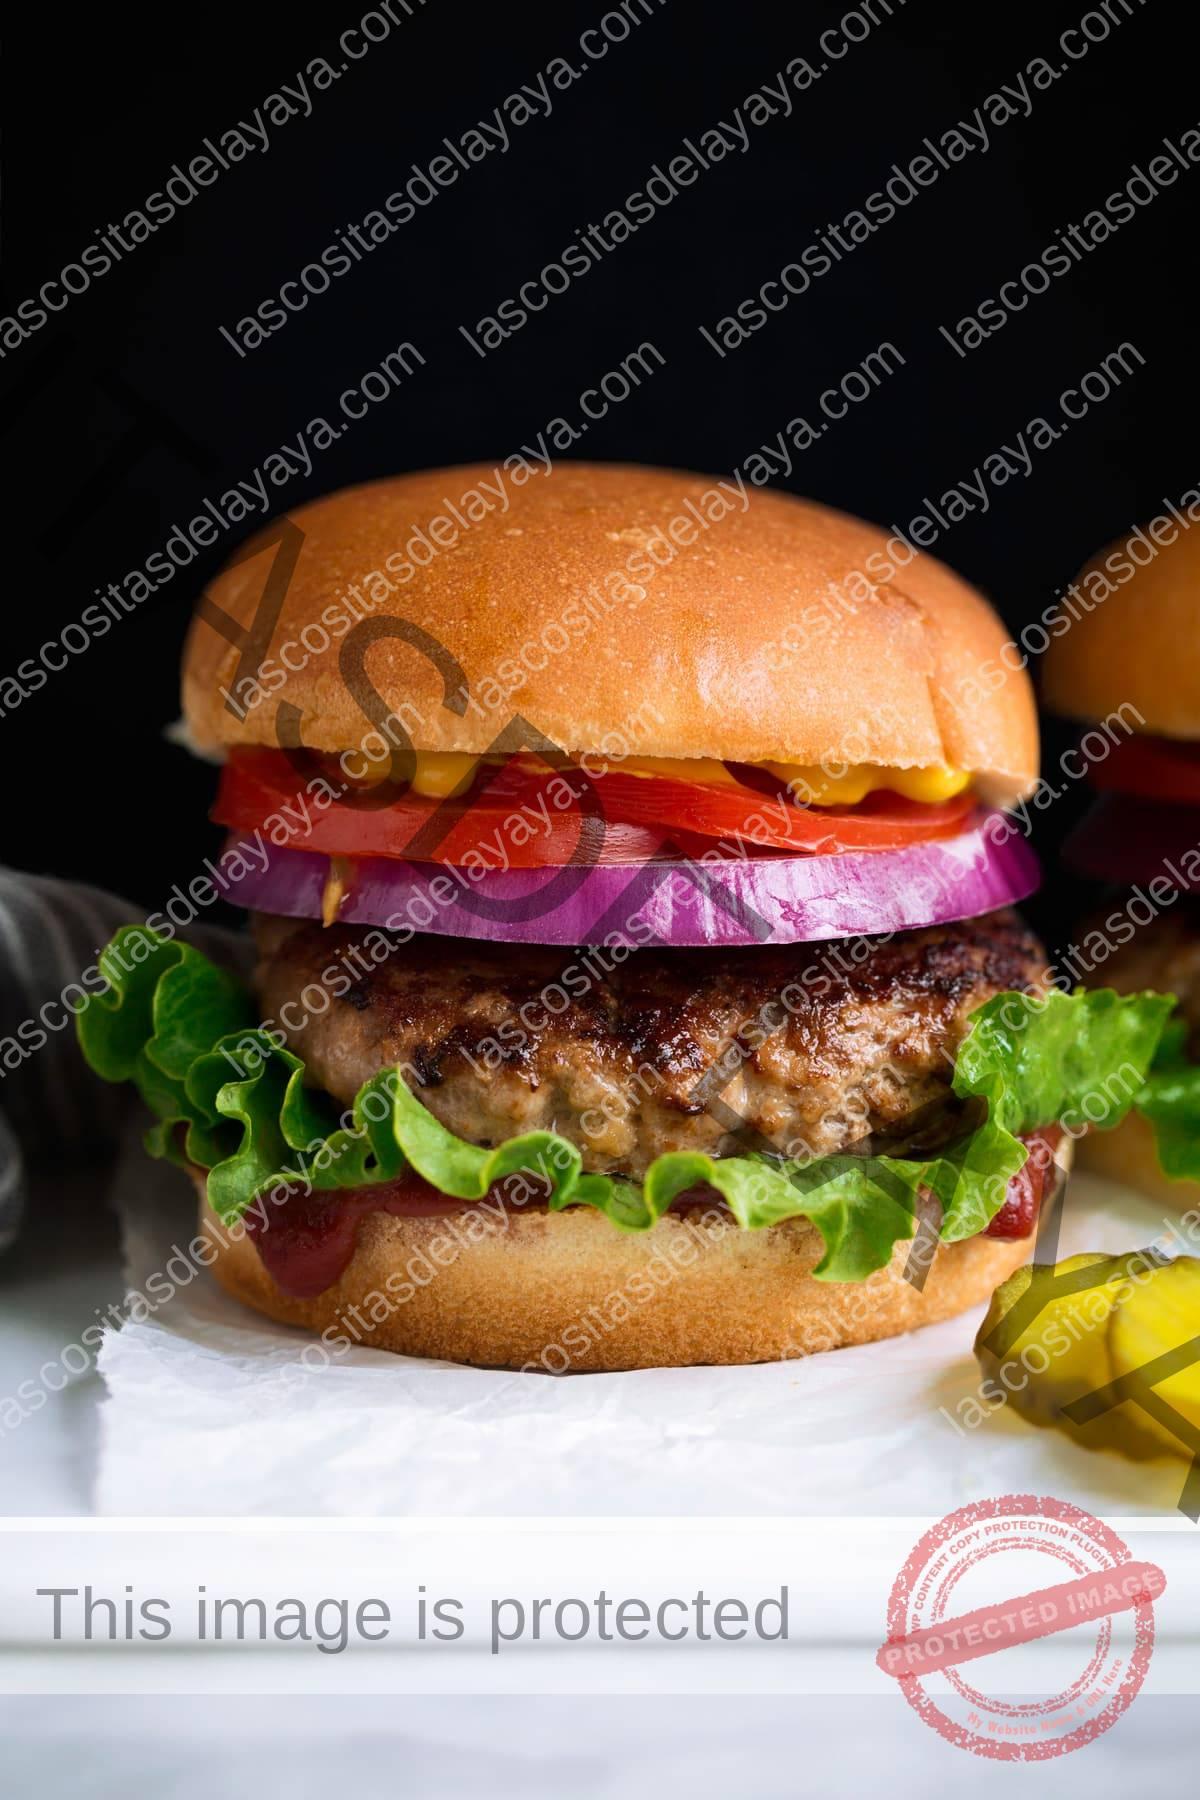 Hamburguesa de pavo con capas de pan, salsa de tomate, lechuga, hamburguesa de pavo, cebolla morada, tomate y mostaza amarilla.  Servido con encurtidos en bandeja blanca.